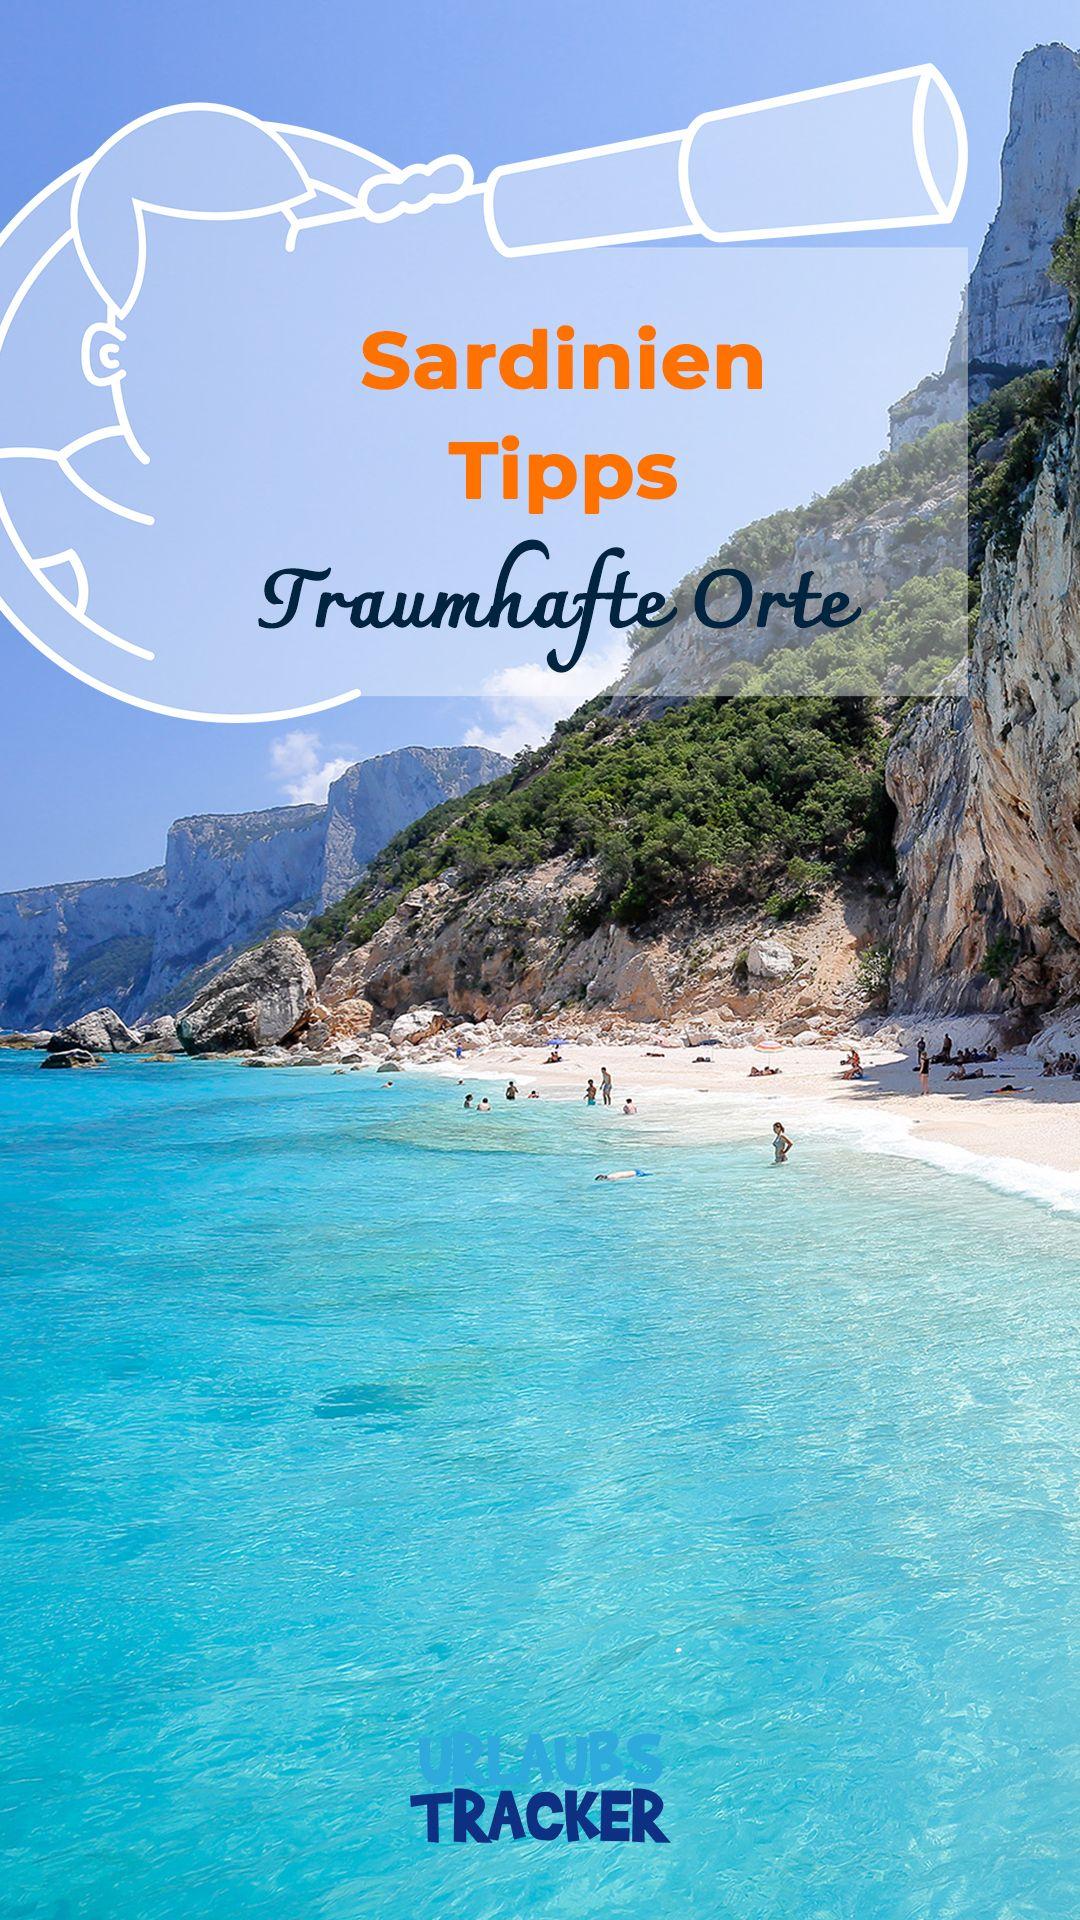 Sardinien Tipps: Die beliebtesten Urlaubsorte & schönsten Strände im Überblick